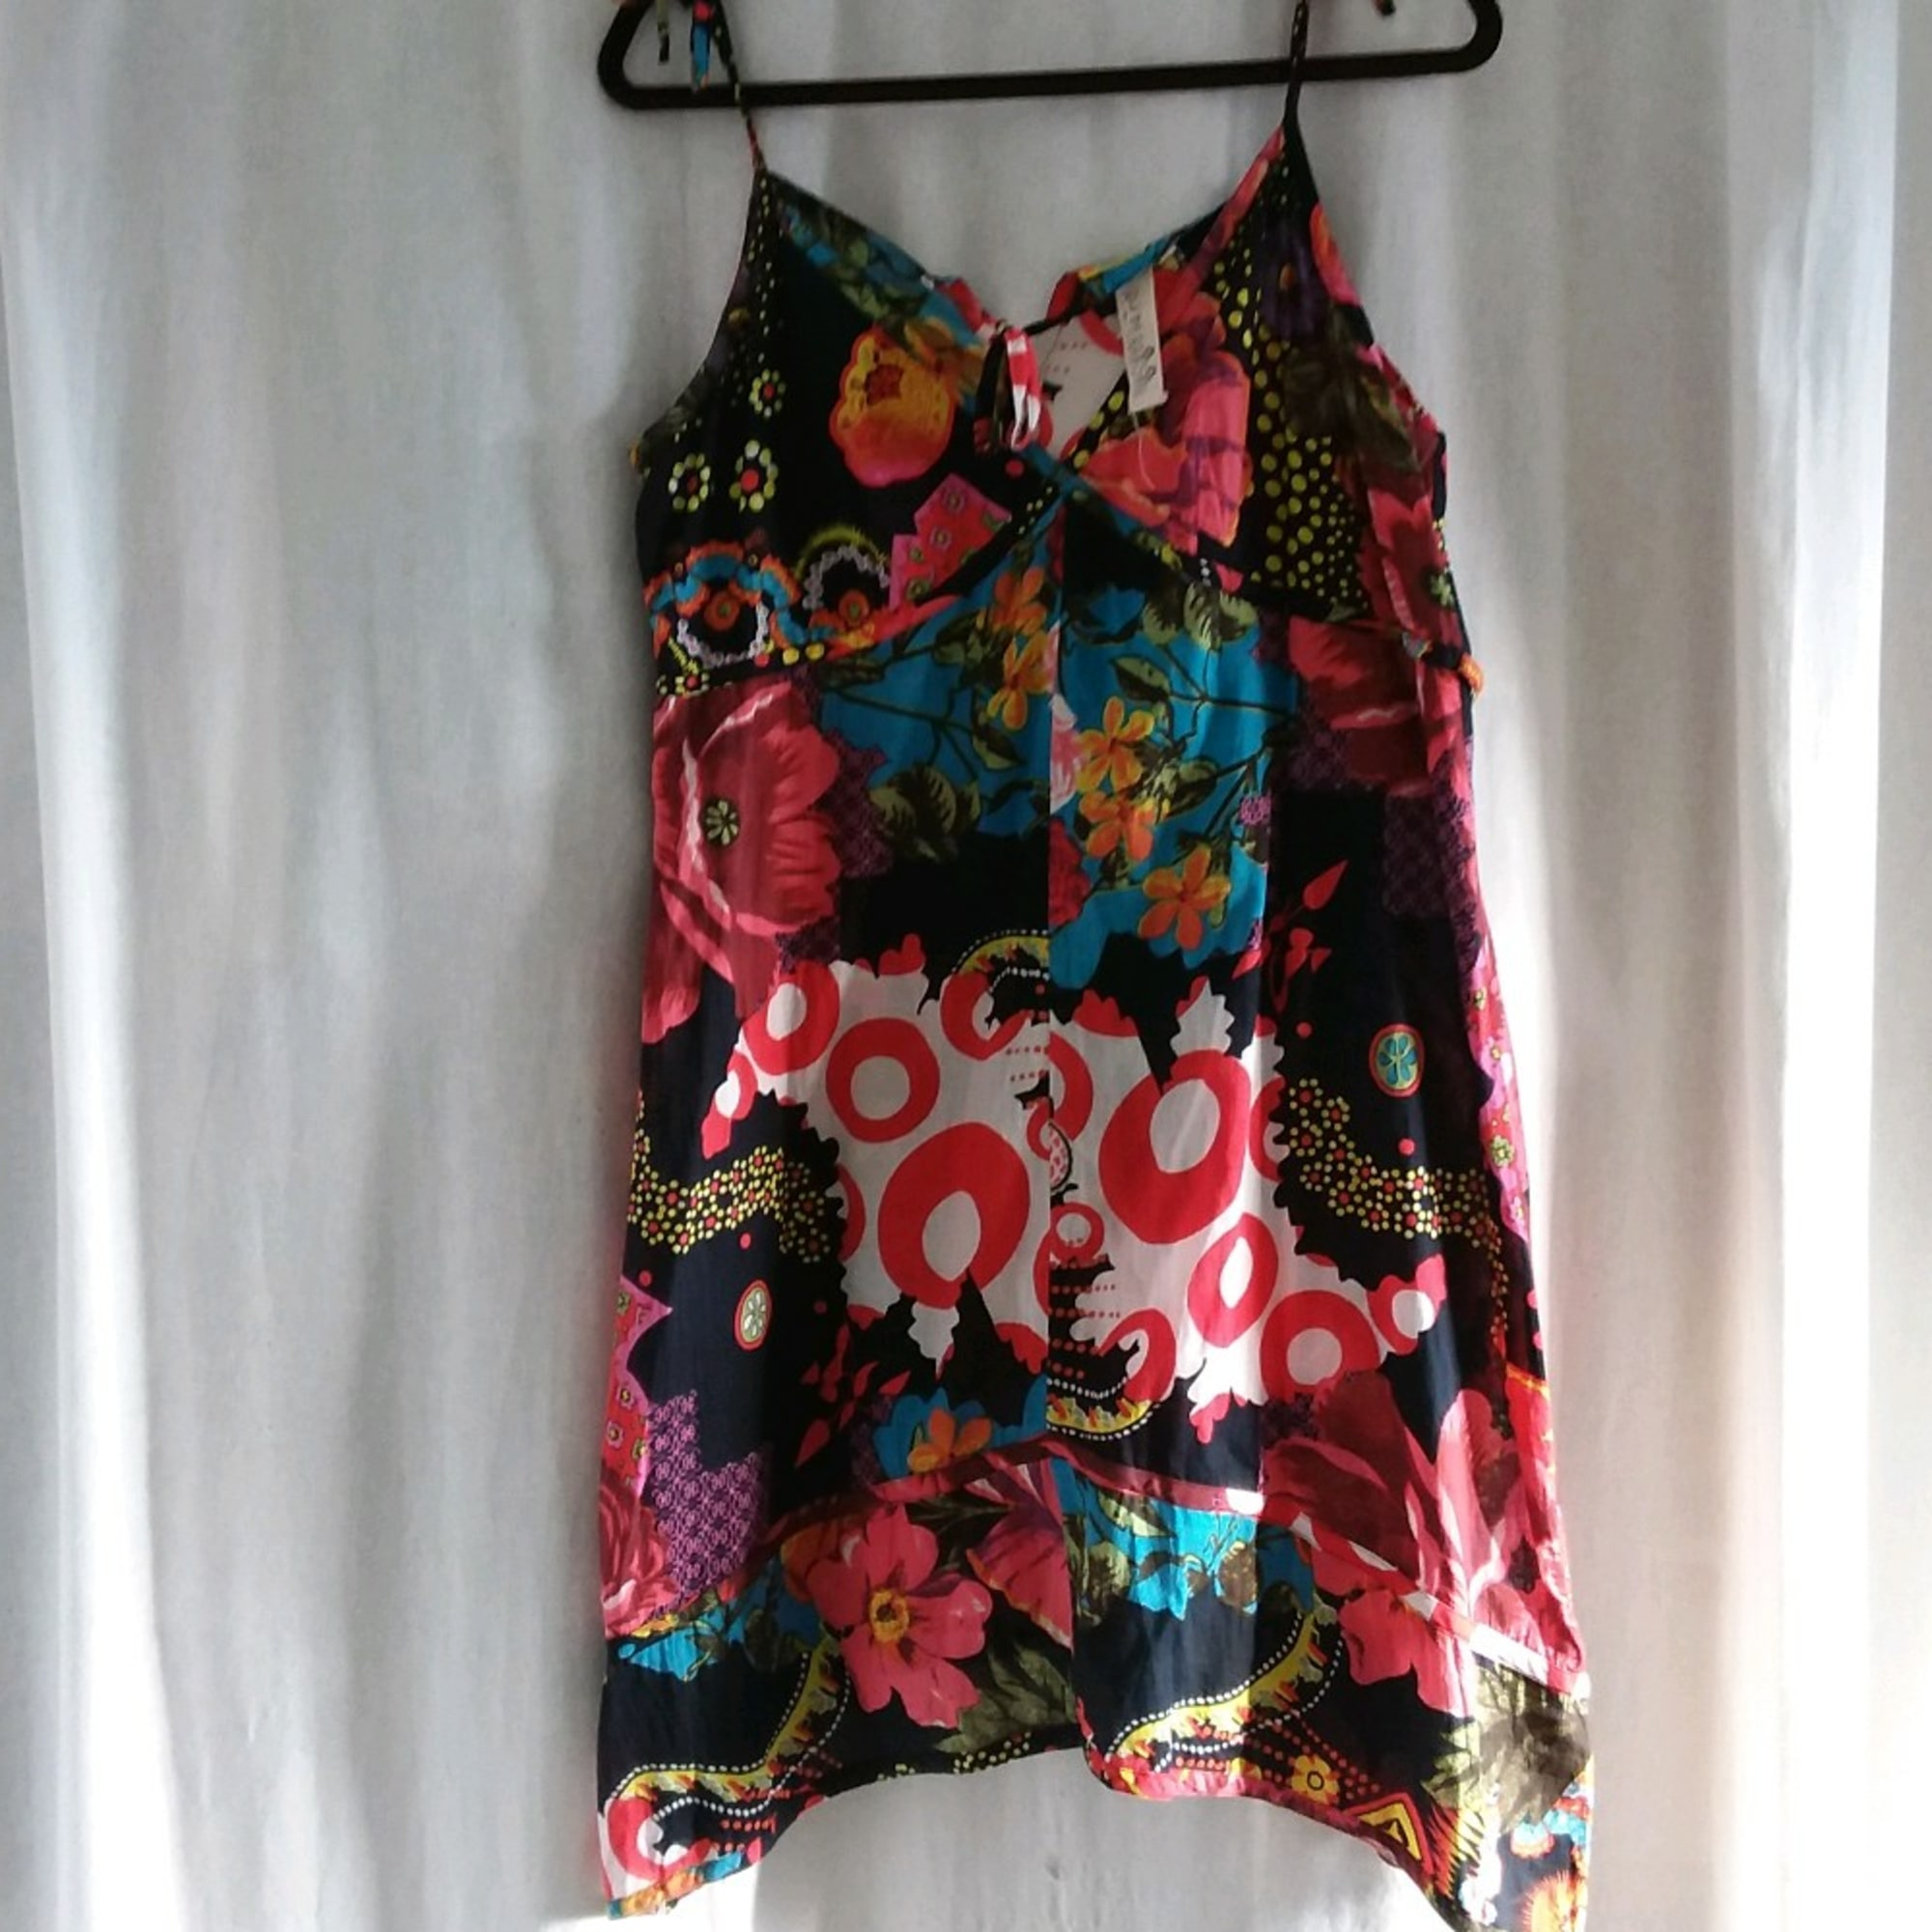 Robe courte RHUM RAISIN fond noir avec motifs rouge bleu rose vert jaune